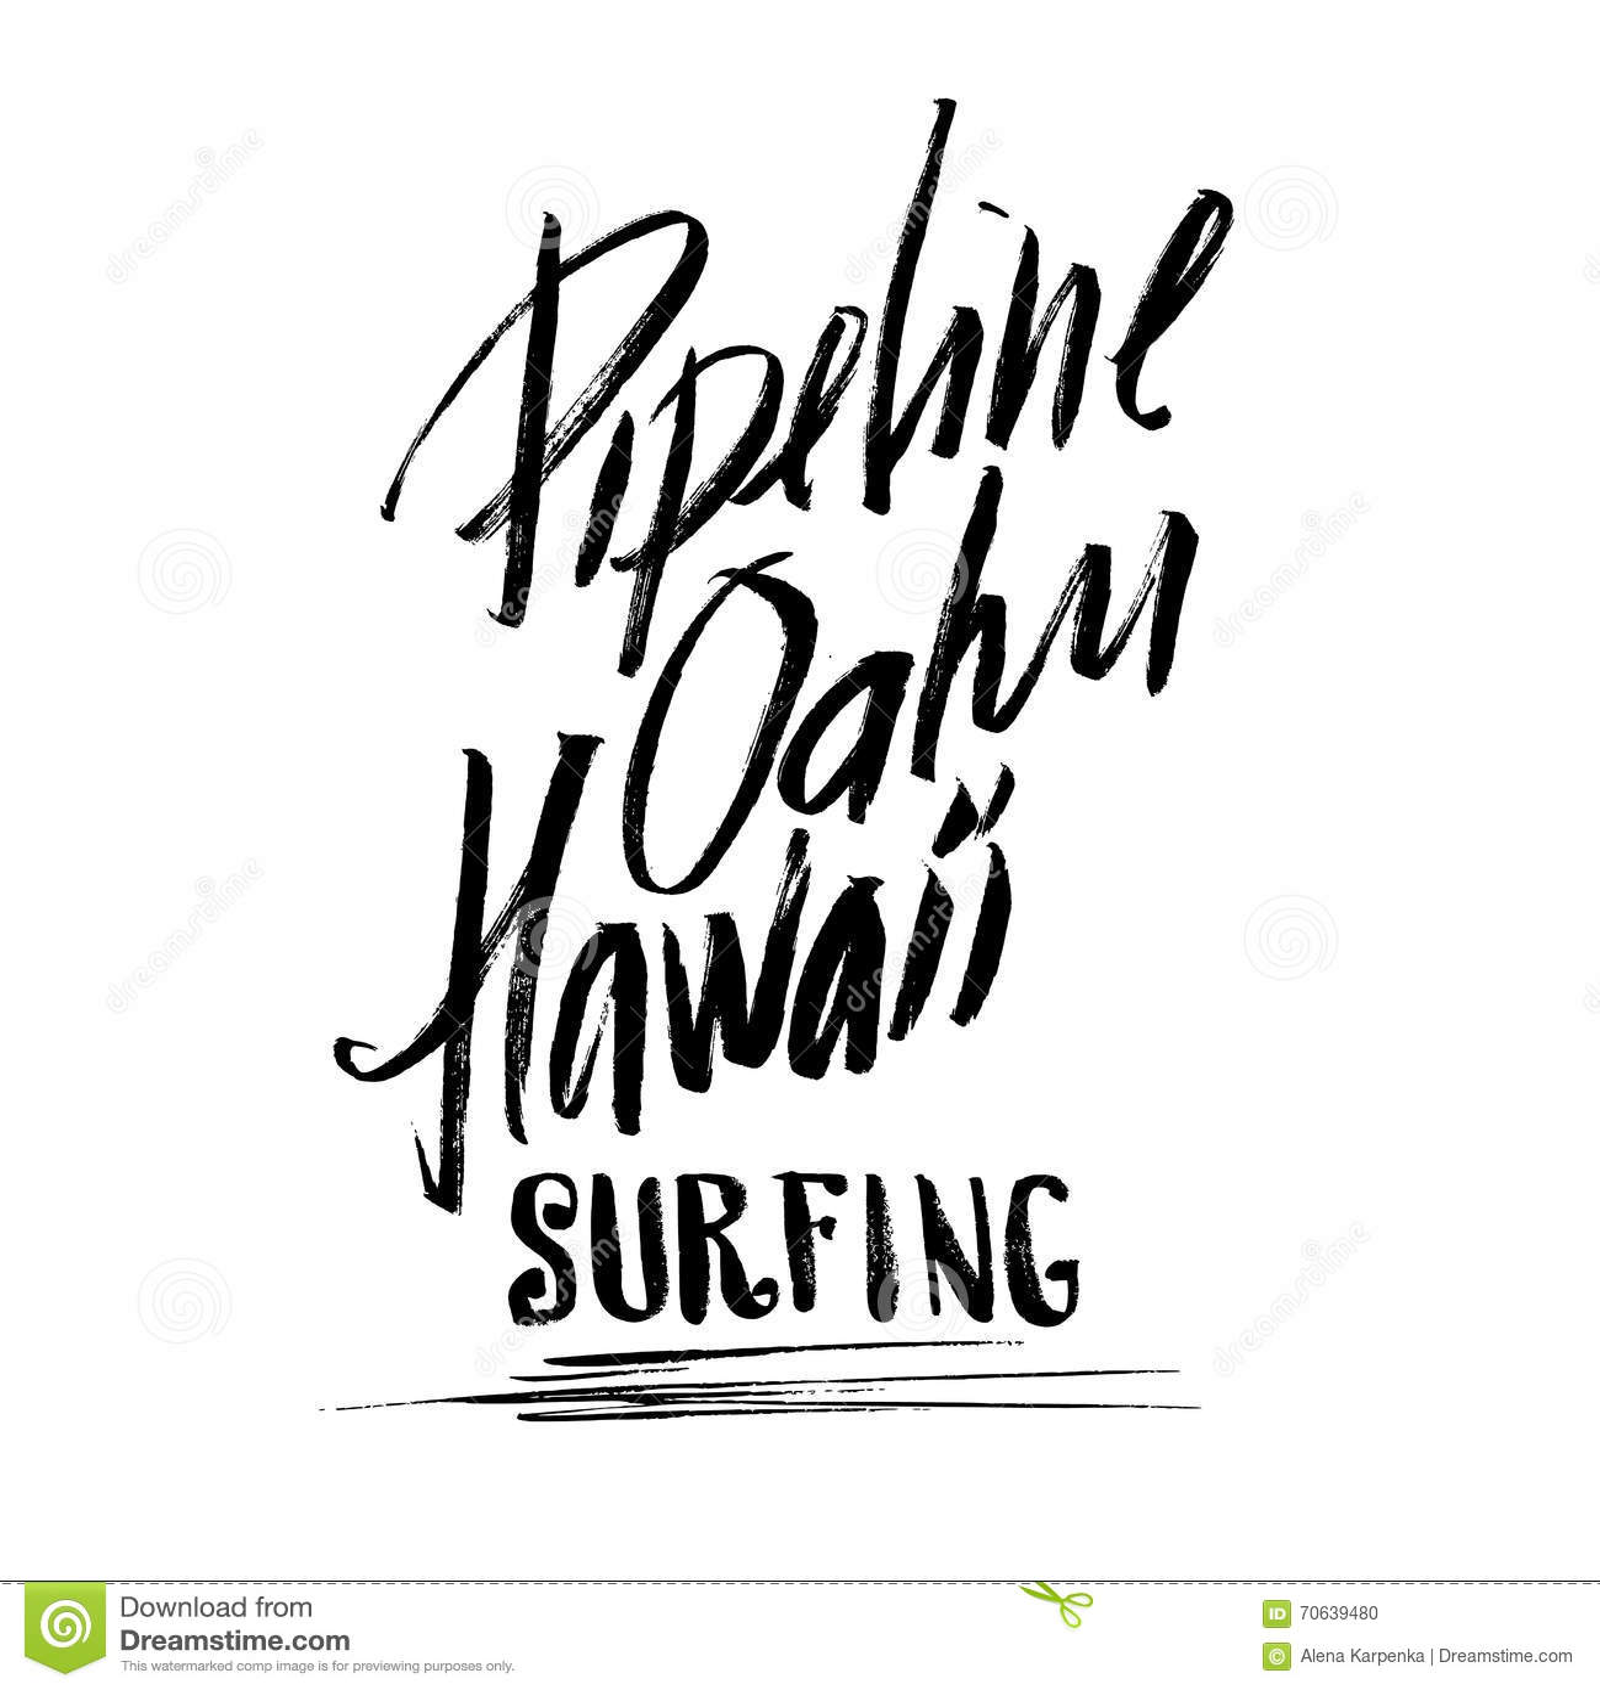 Pipeline Oahu Hawaii Surfing Lettering Brush Ink Sketch